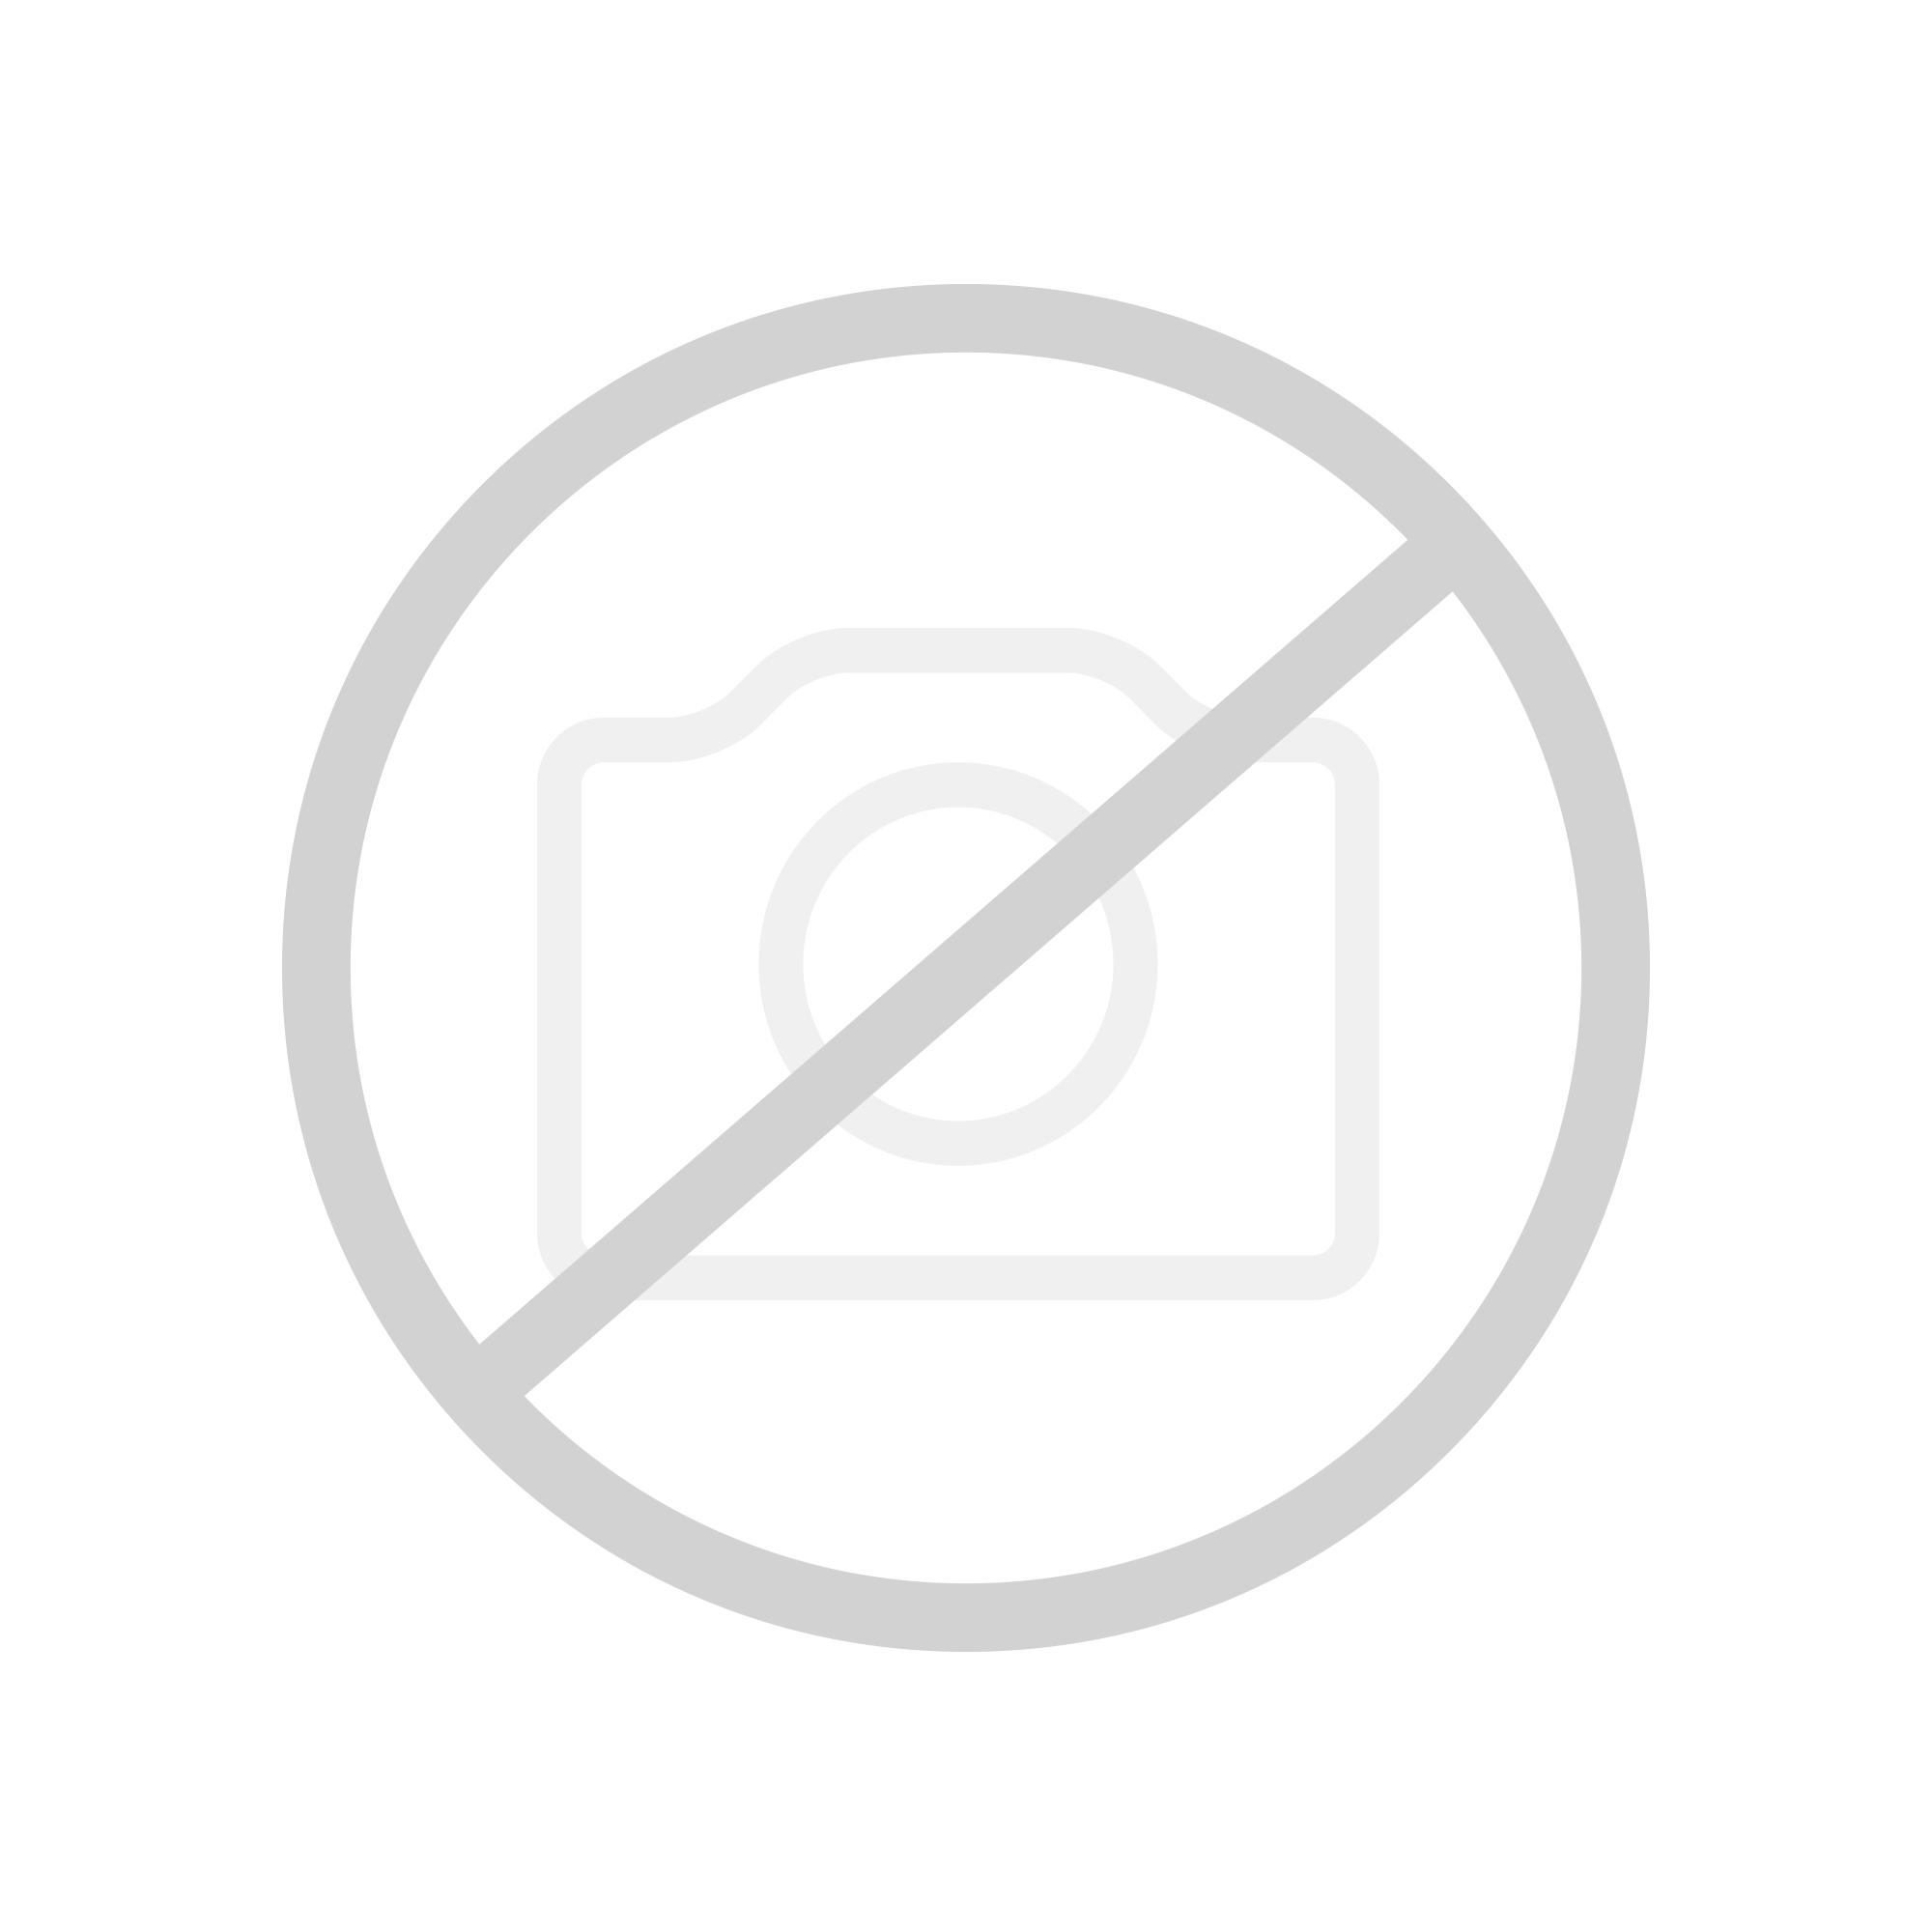 DOYMA Quadro-Secura E1/breit Einsparten Hauseinführung MIT KELLER Gas DN 25